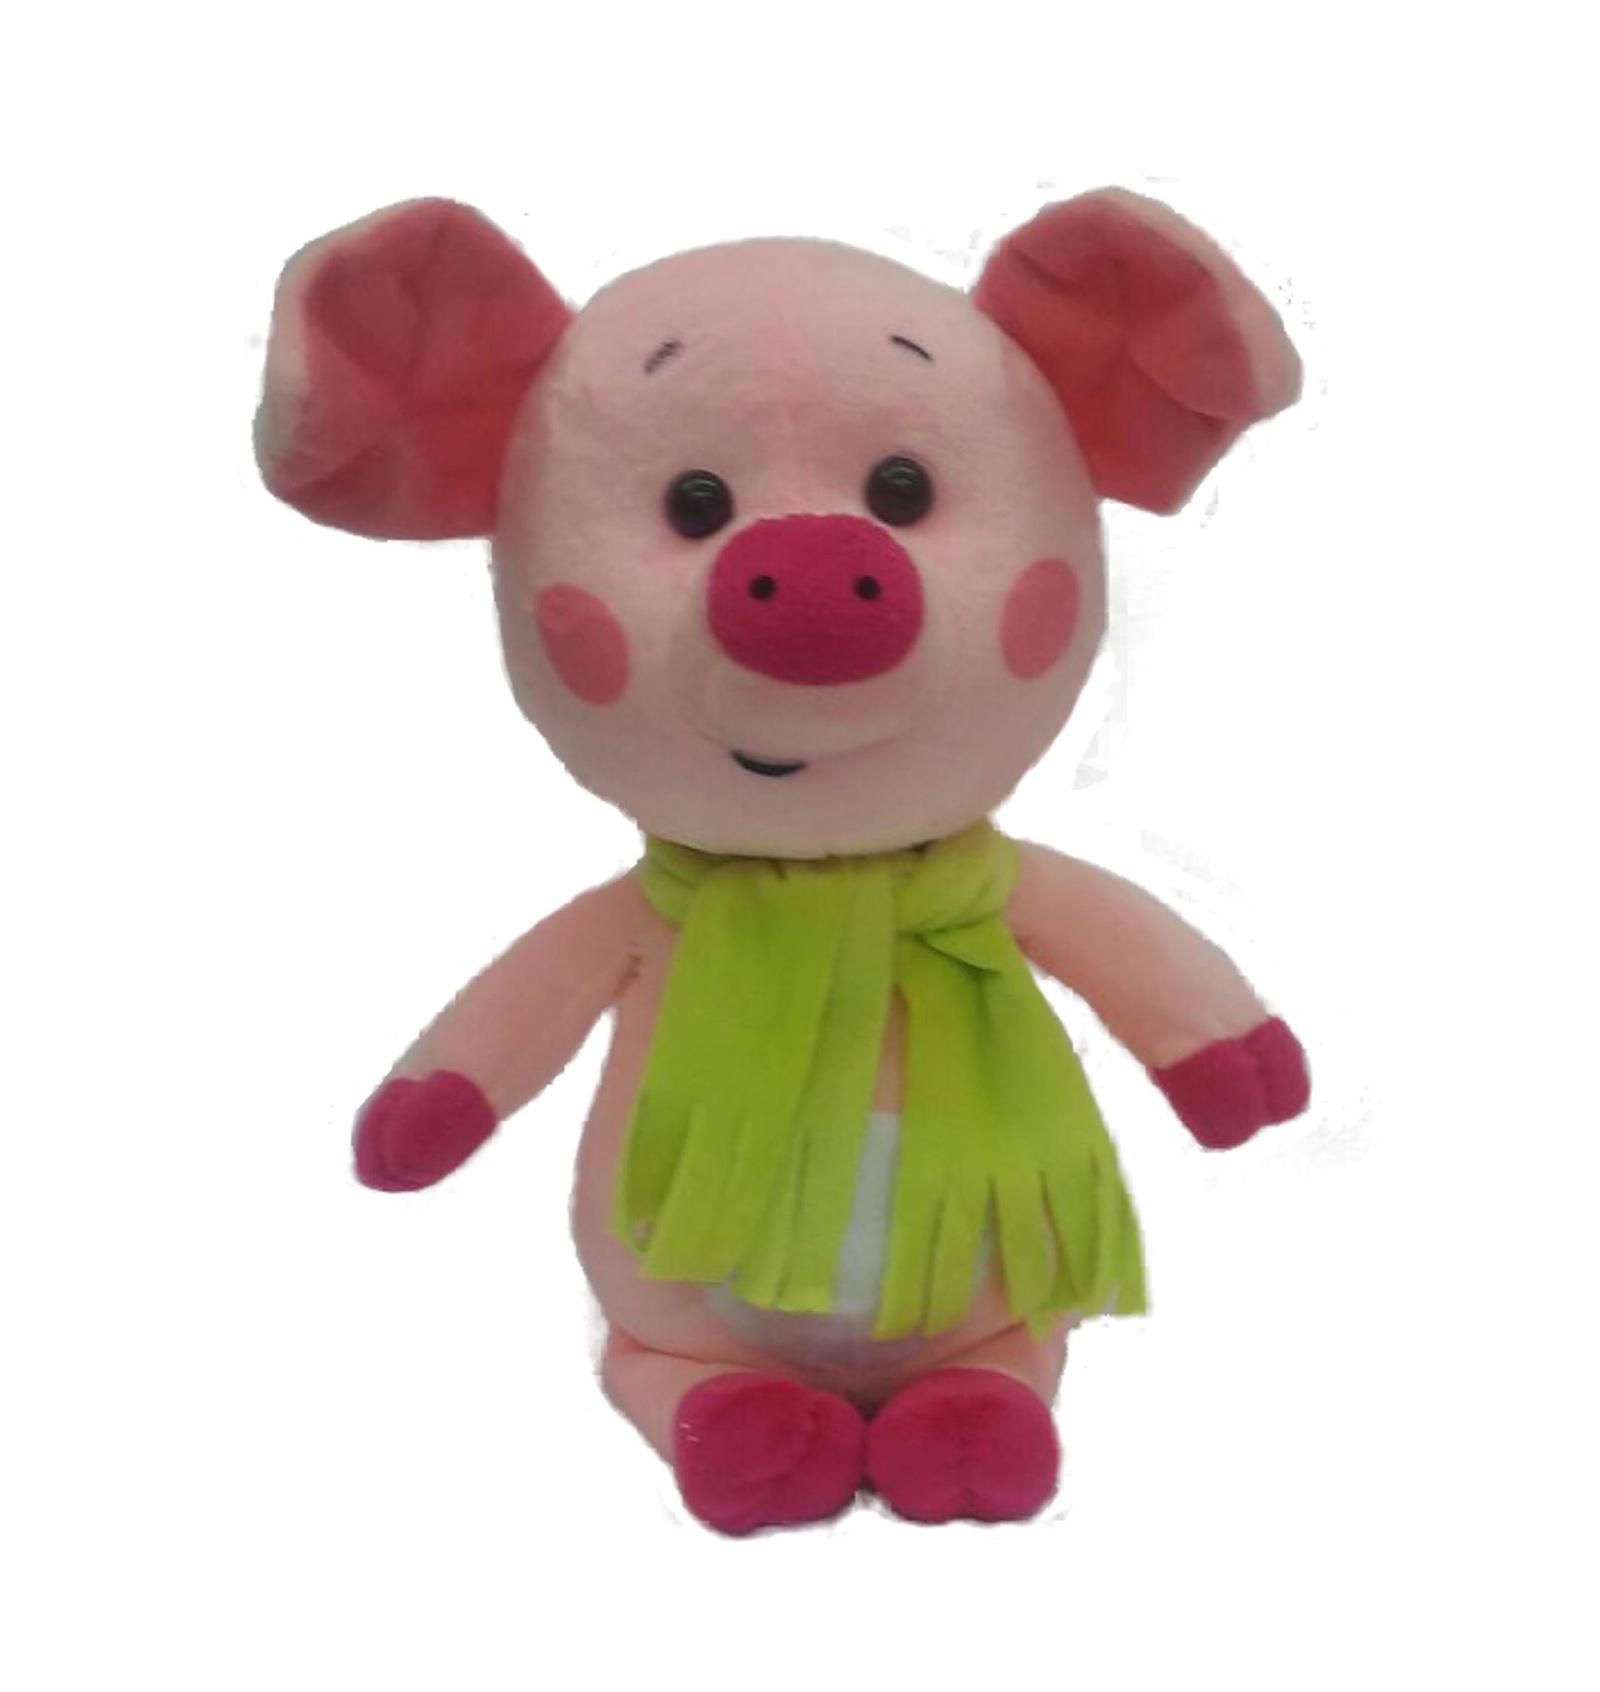 Мягкая игрушка СмолТойс Поросенок Кроха, 6024/РЗ/32, розовый